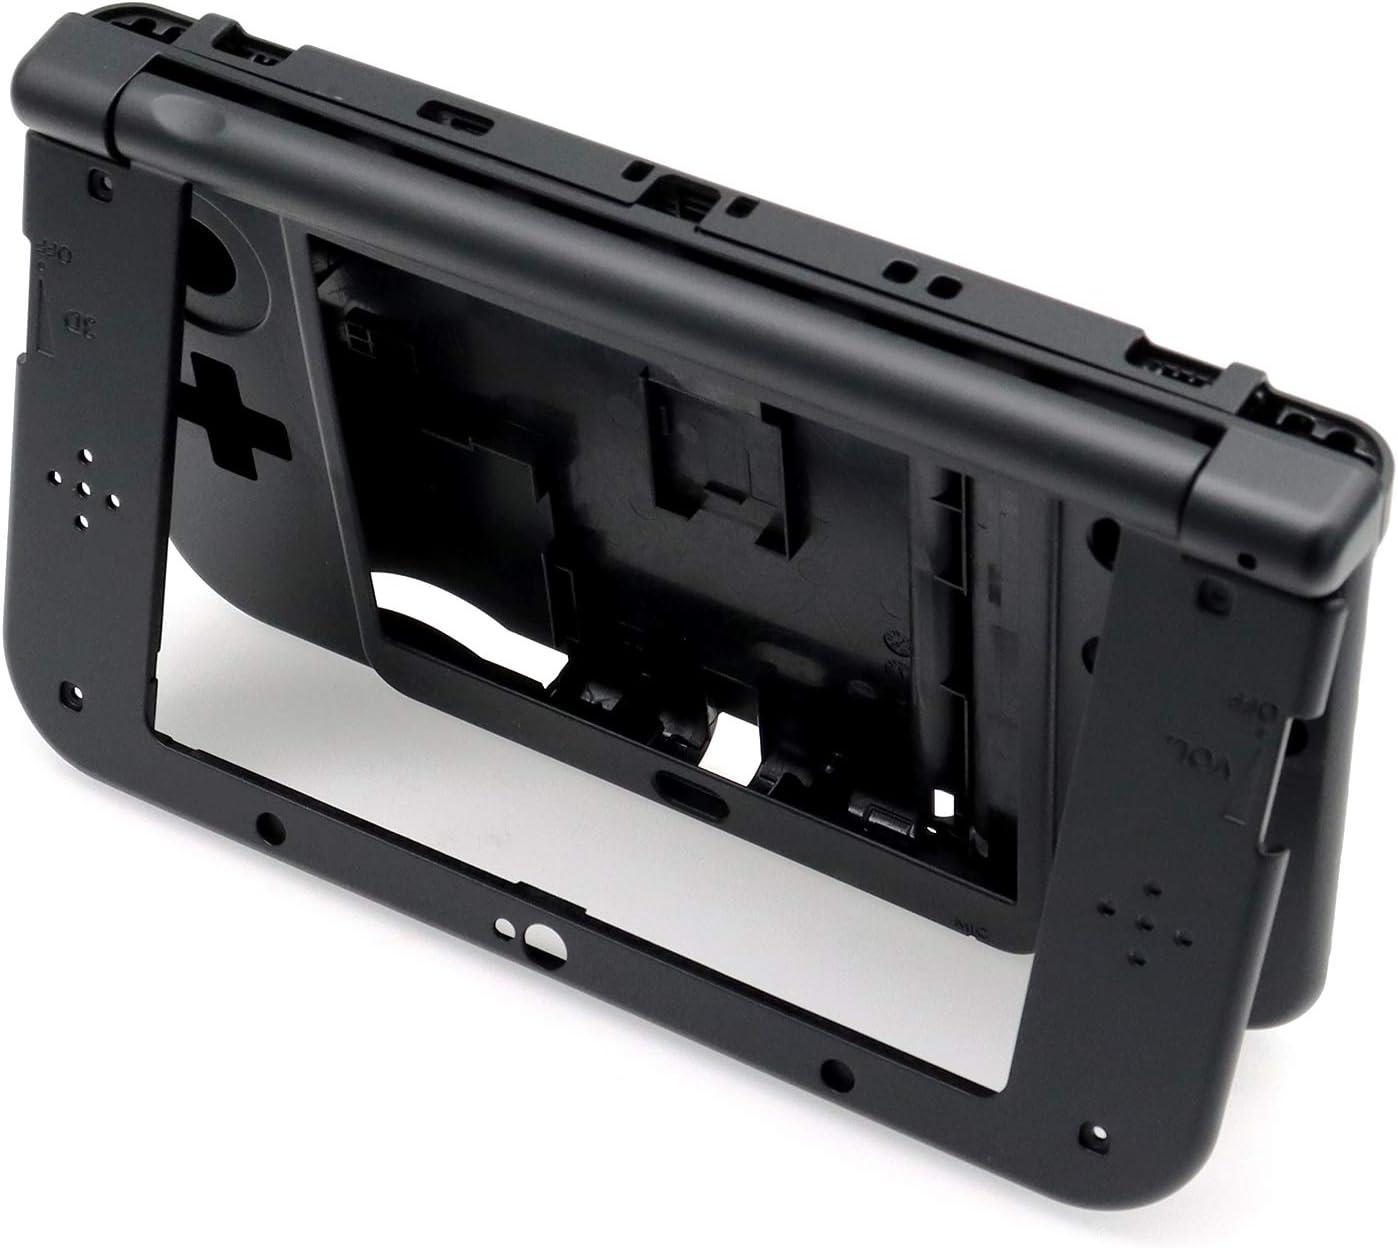 Repuesto de carcasa para Nintendo New 3DS XL New 3DS LL